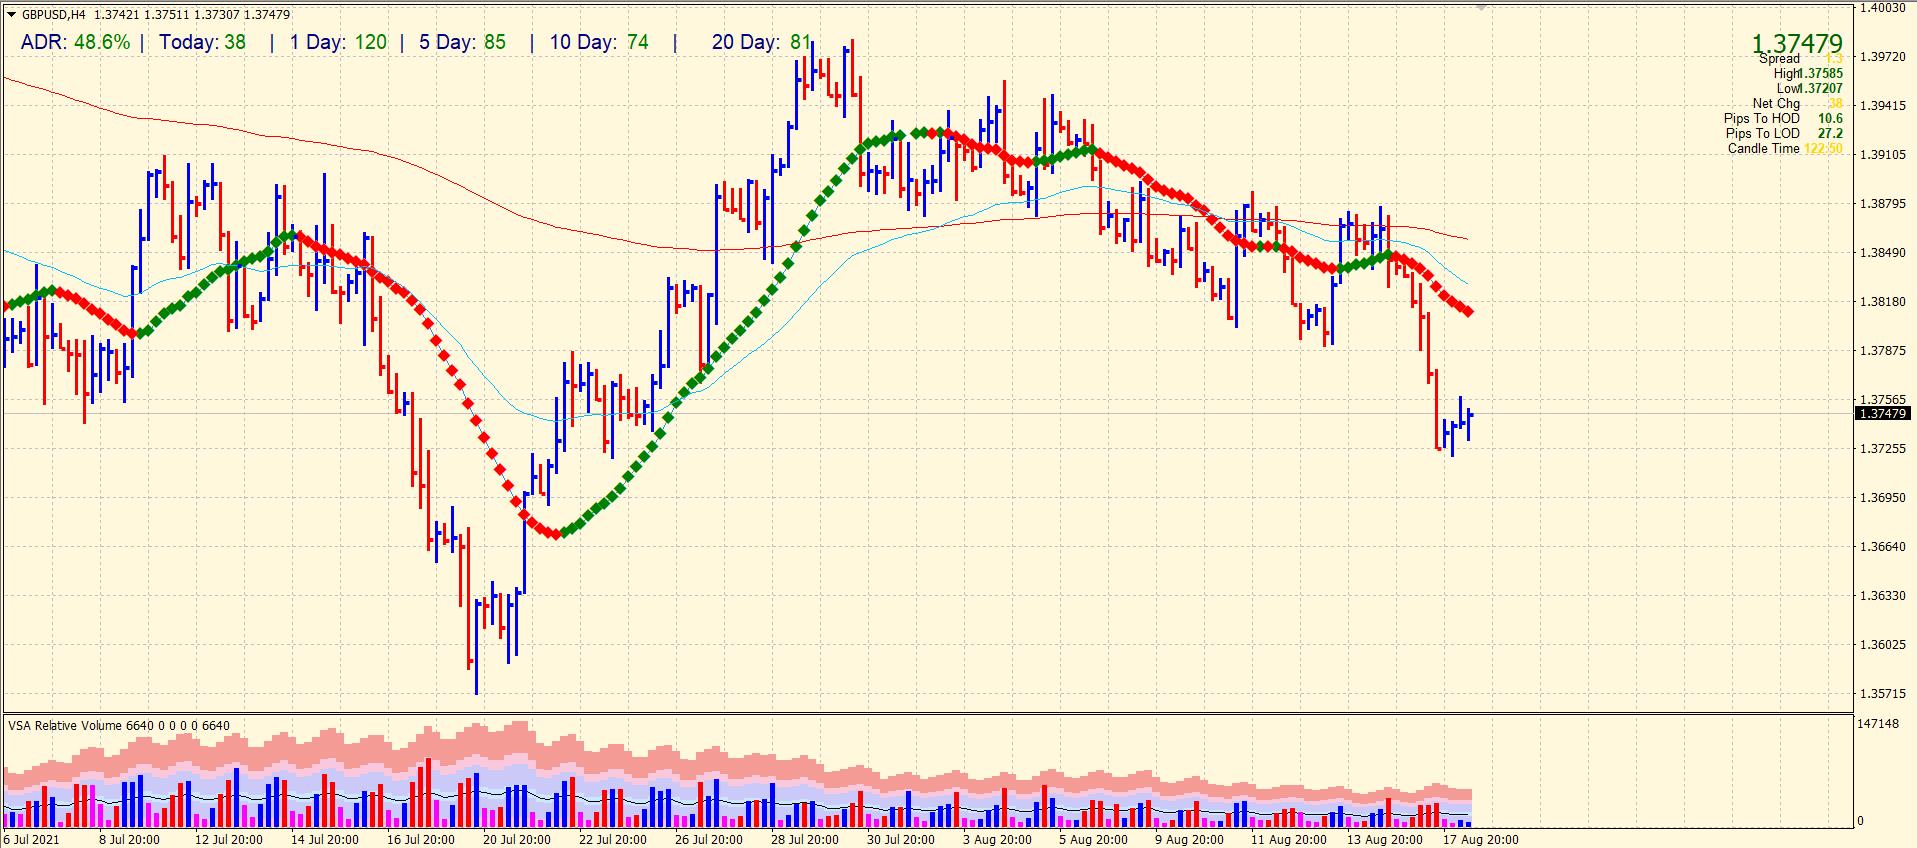 GBP/USD 4-hour price analysis